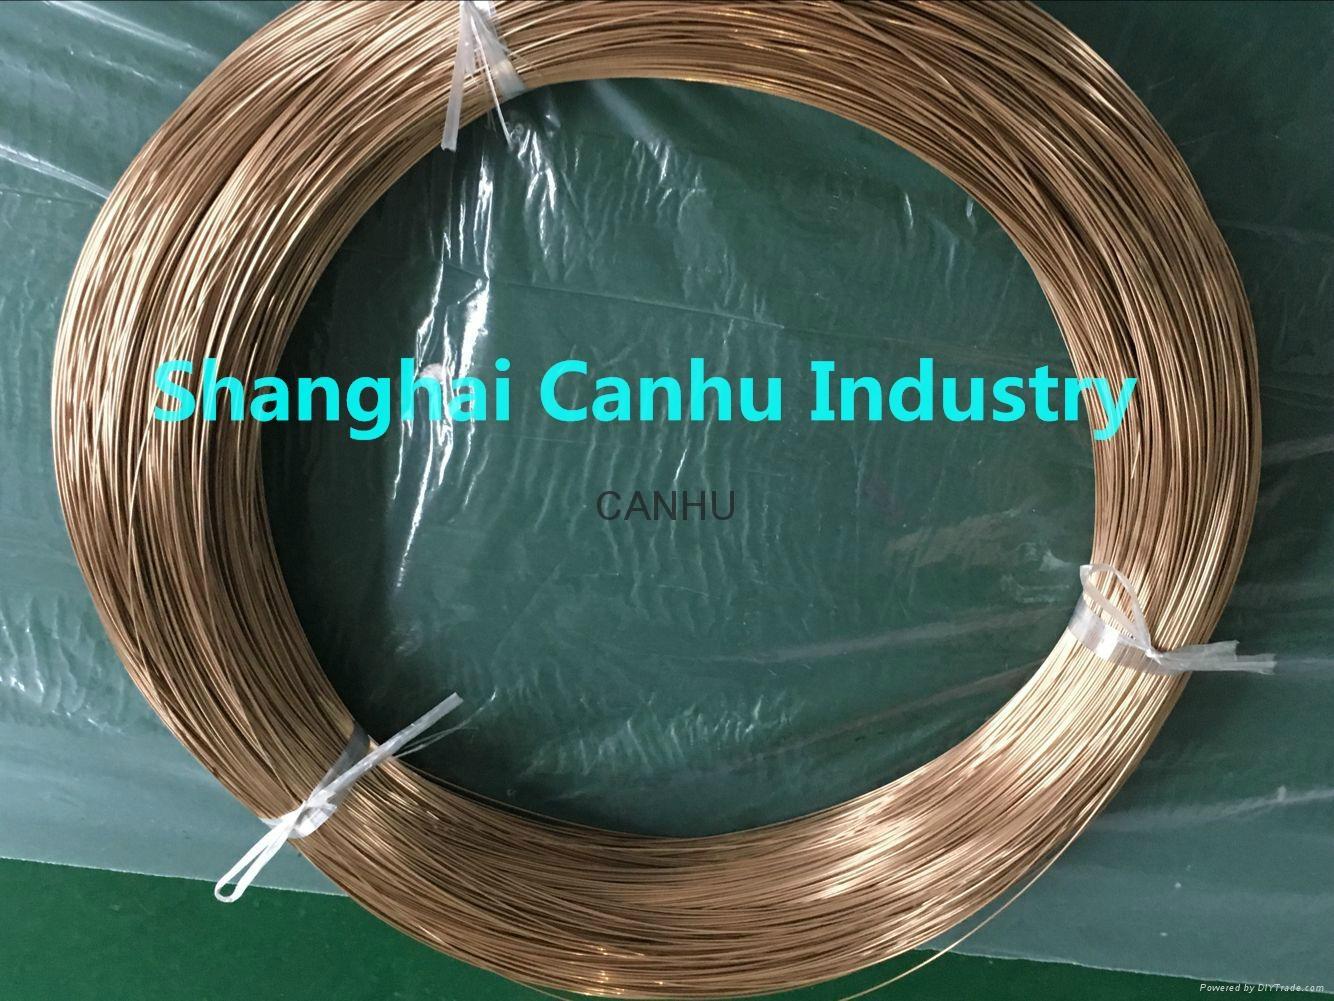 C17200 Beryllium Copper Alloy (China Manufacturer) - Non-ferrous ...